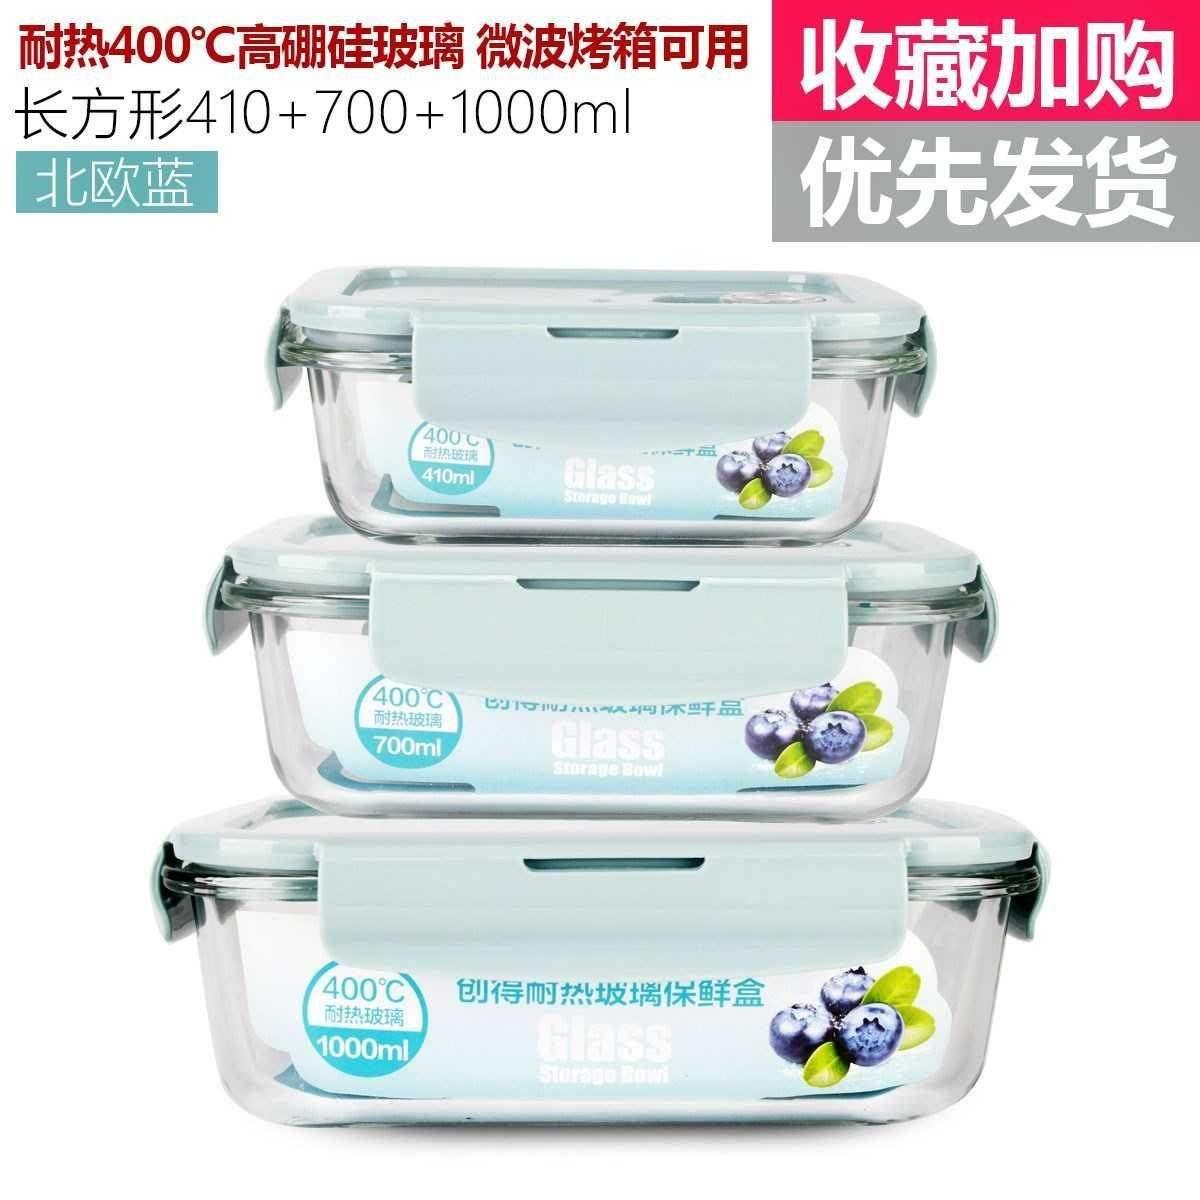 新品易清洗长方形透明保鲜盒耐高温饭盒微波炉专用玻璃器皿带盖大